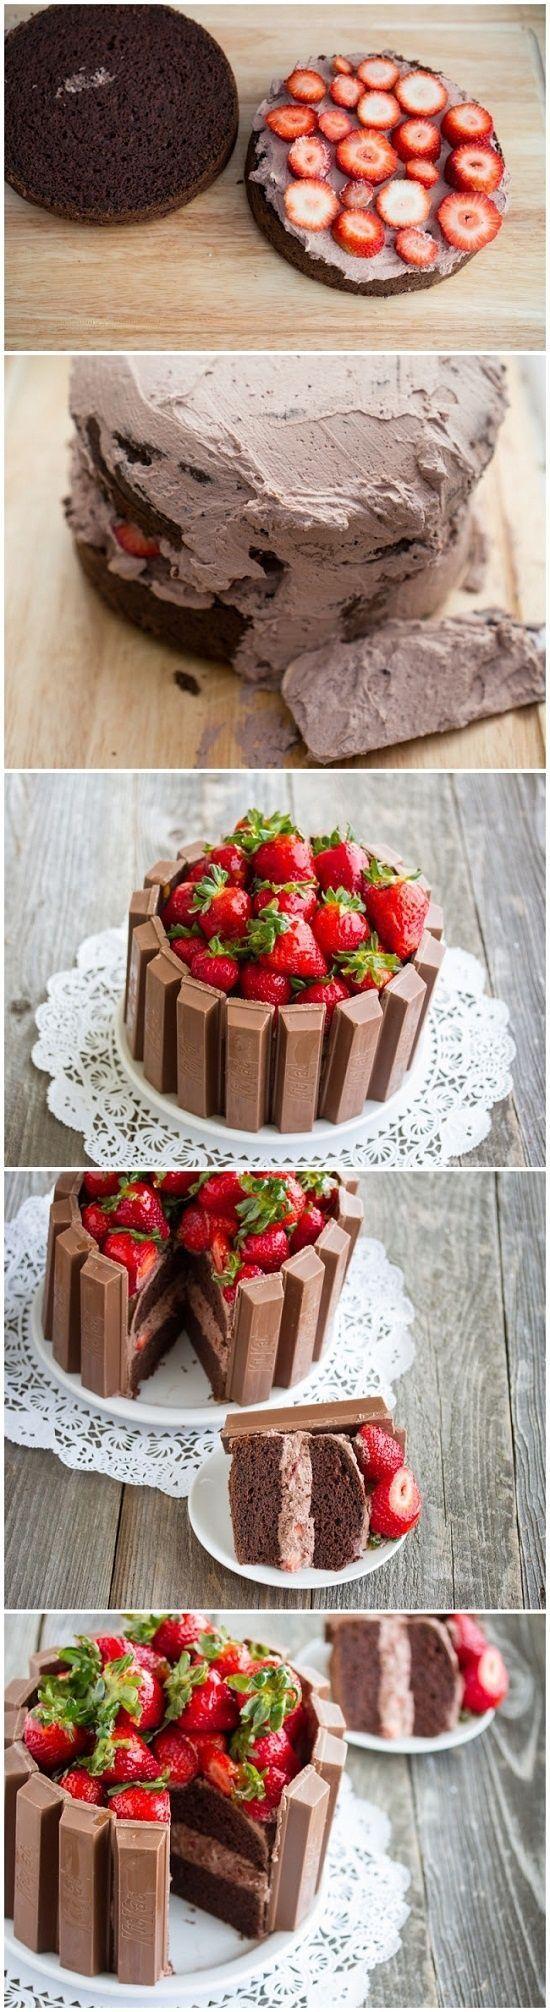 Gâteau Kit-Kat! À essayer avec les fraises du Québec! #chocolat #décadent